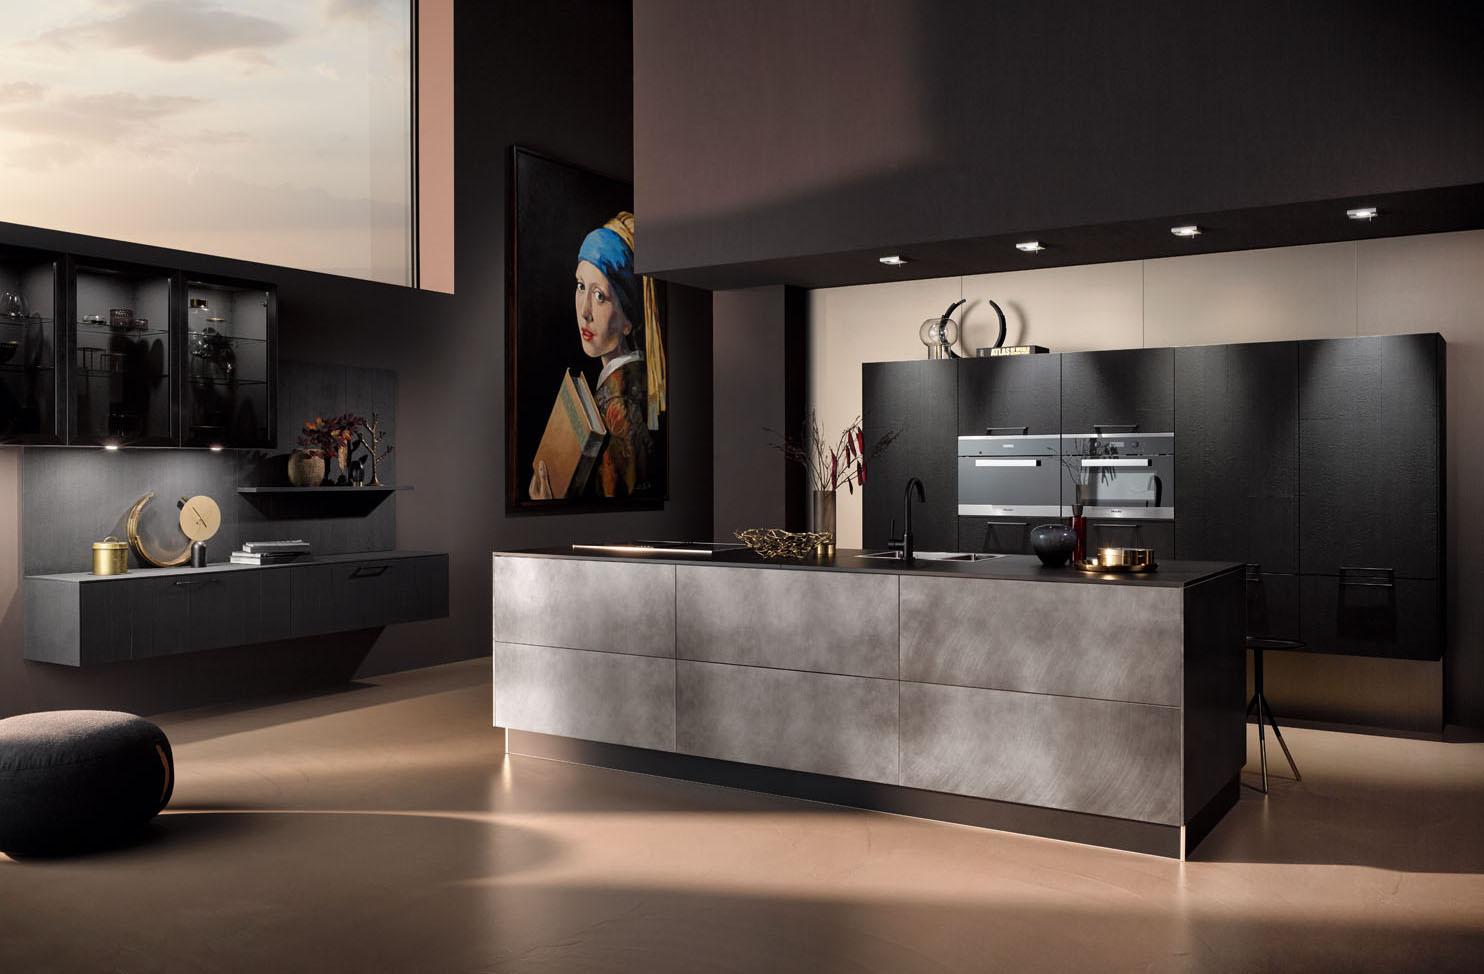 Häcker Küchen - erfüllen die höchsten Ansprüche an Qualität